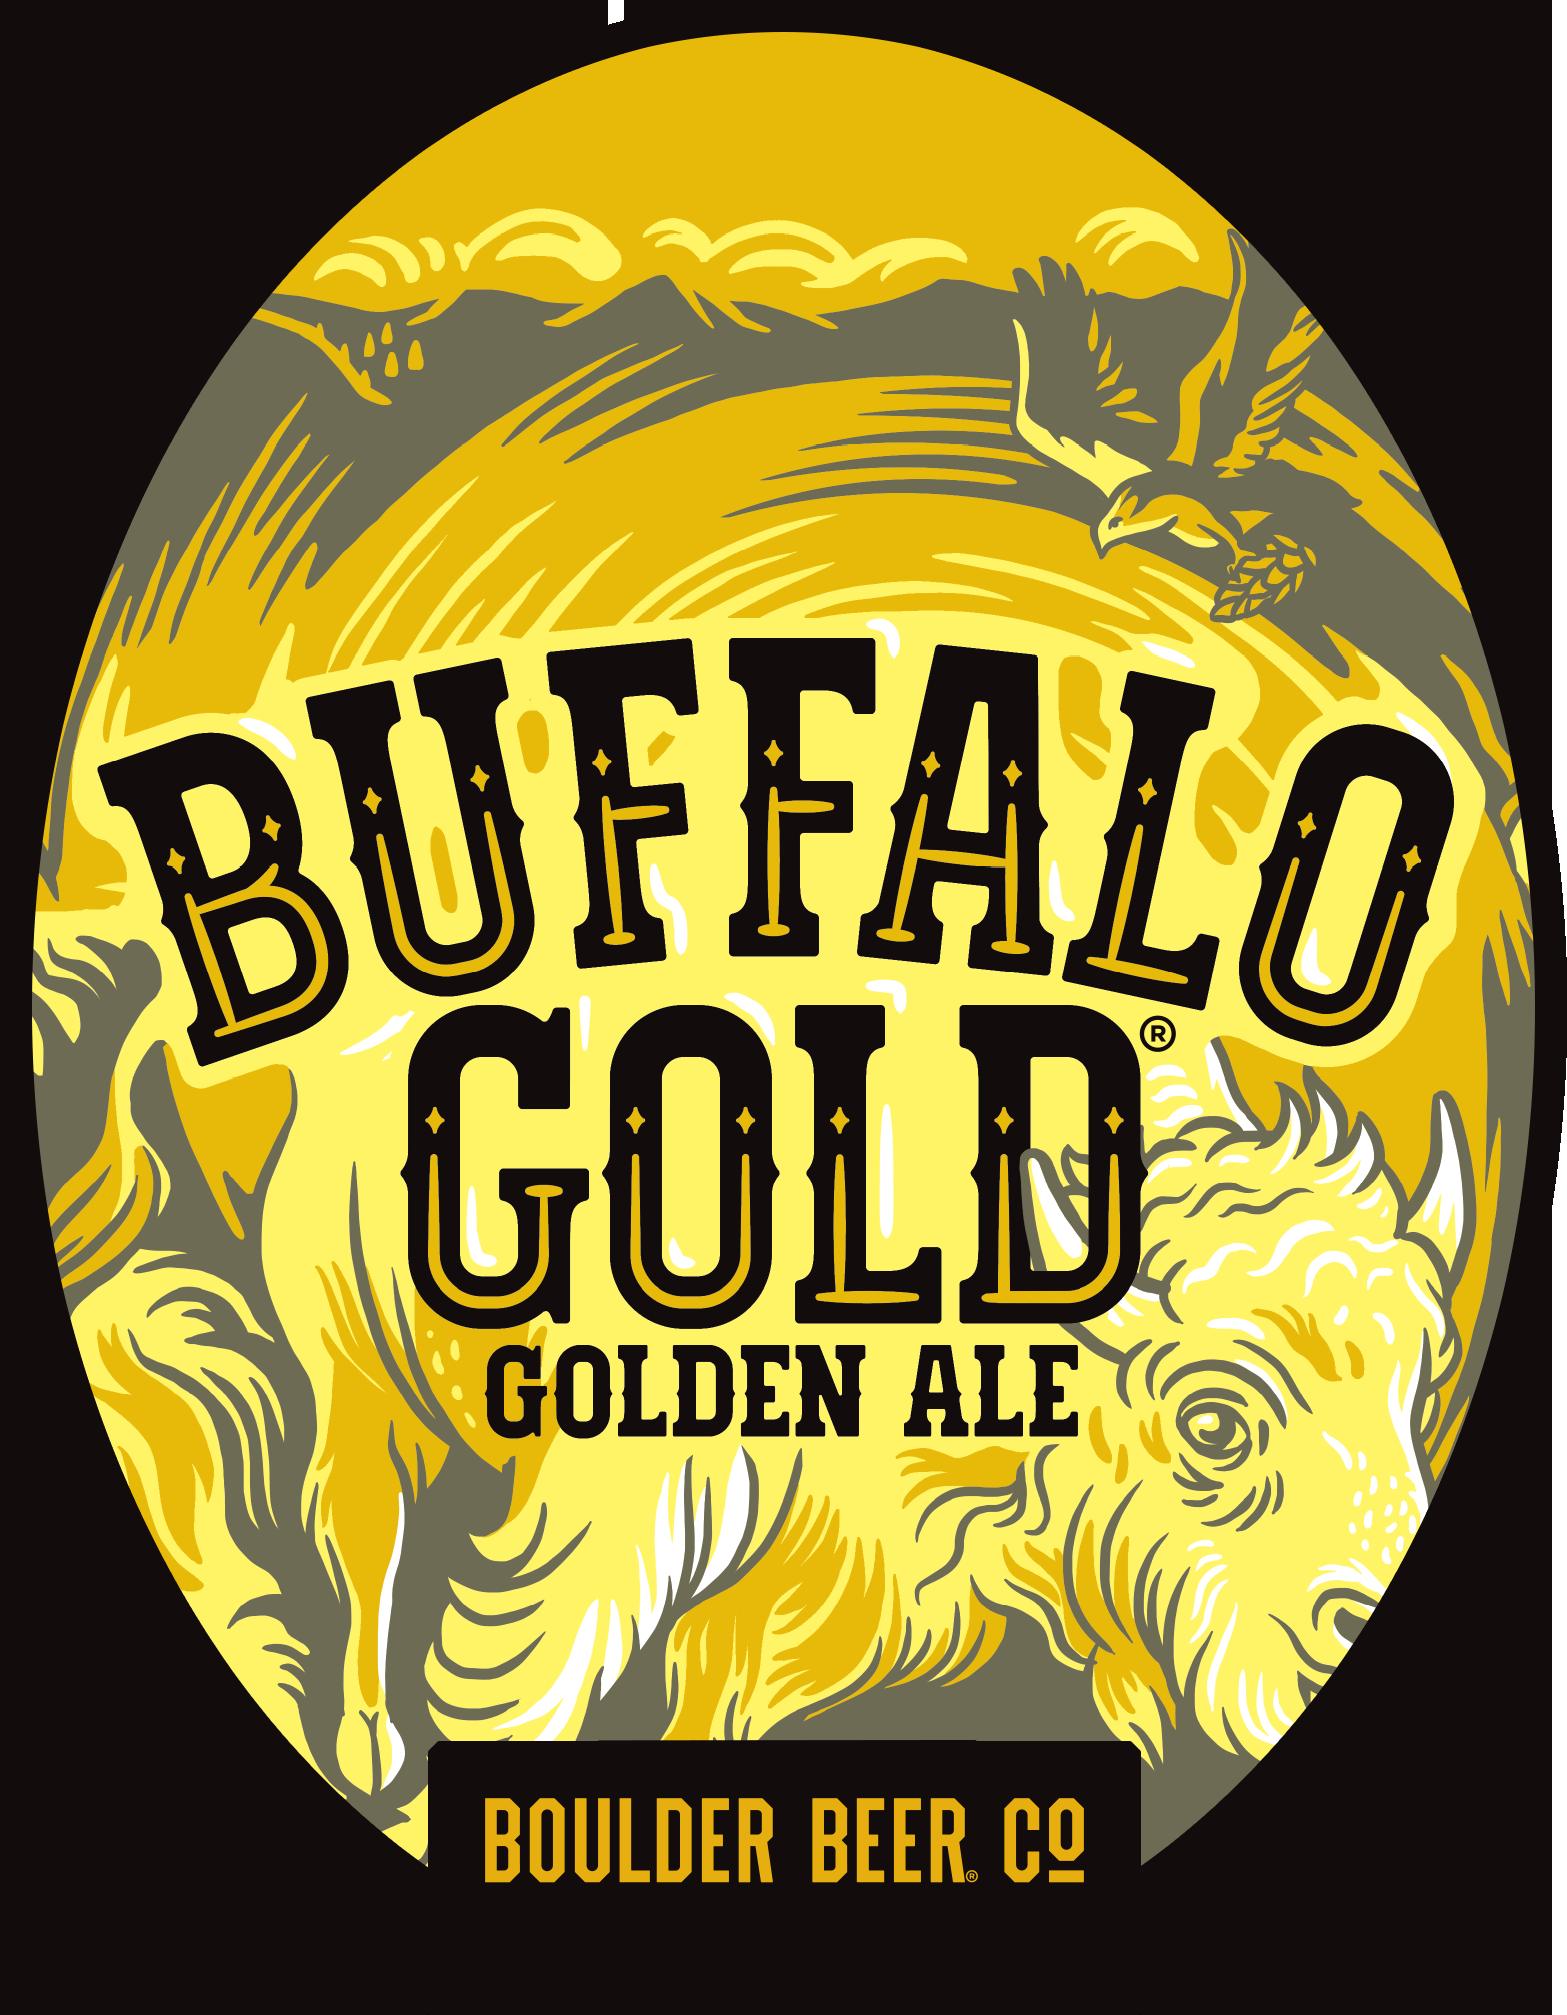 04675-1.4 Boulder Beer Buffalo Gold Oval.png